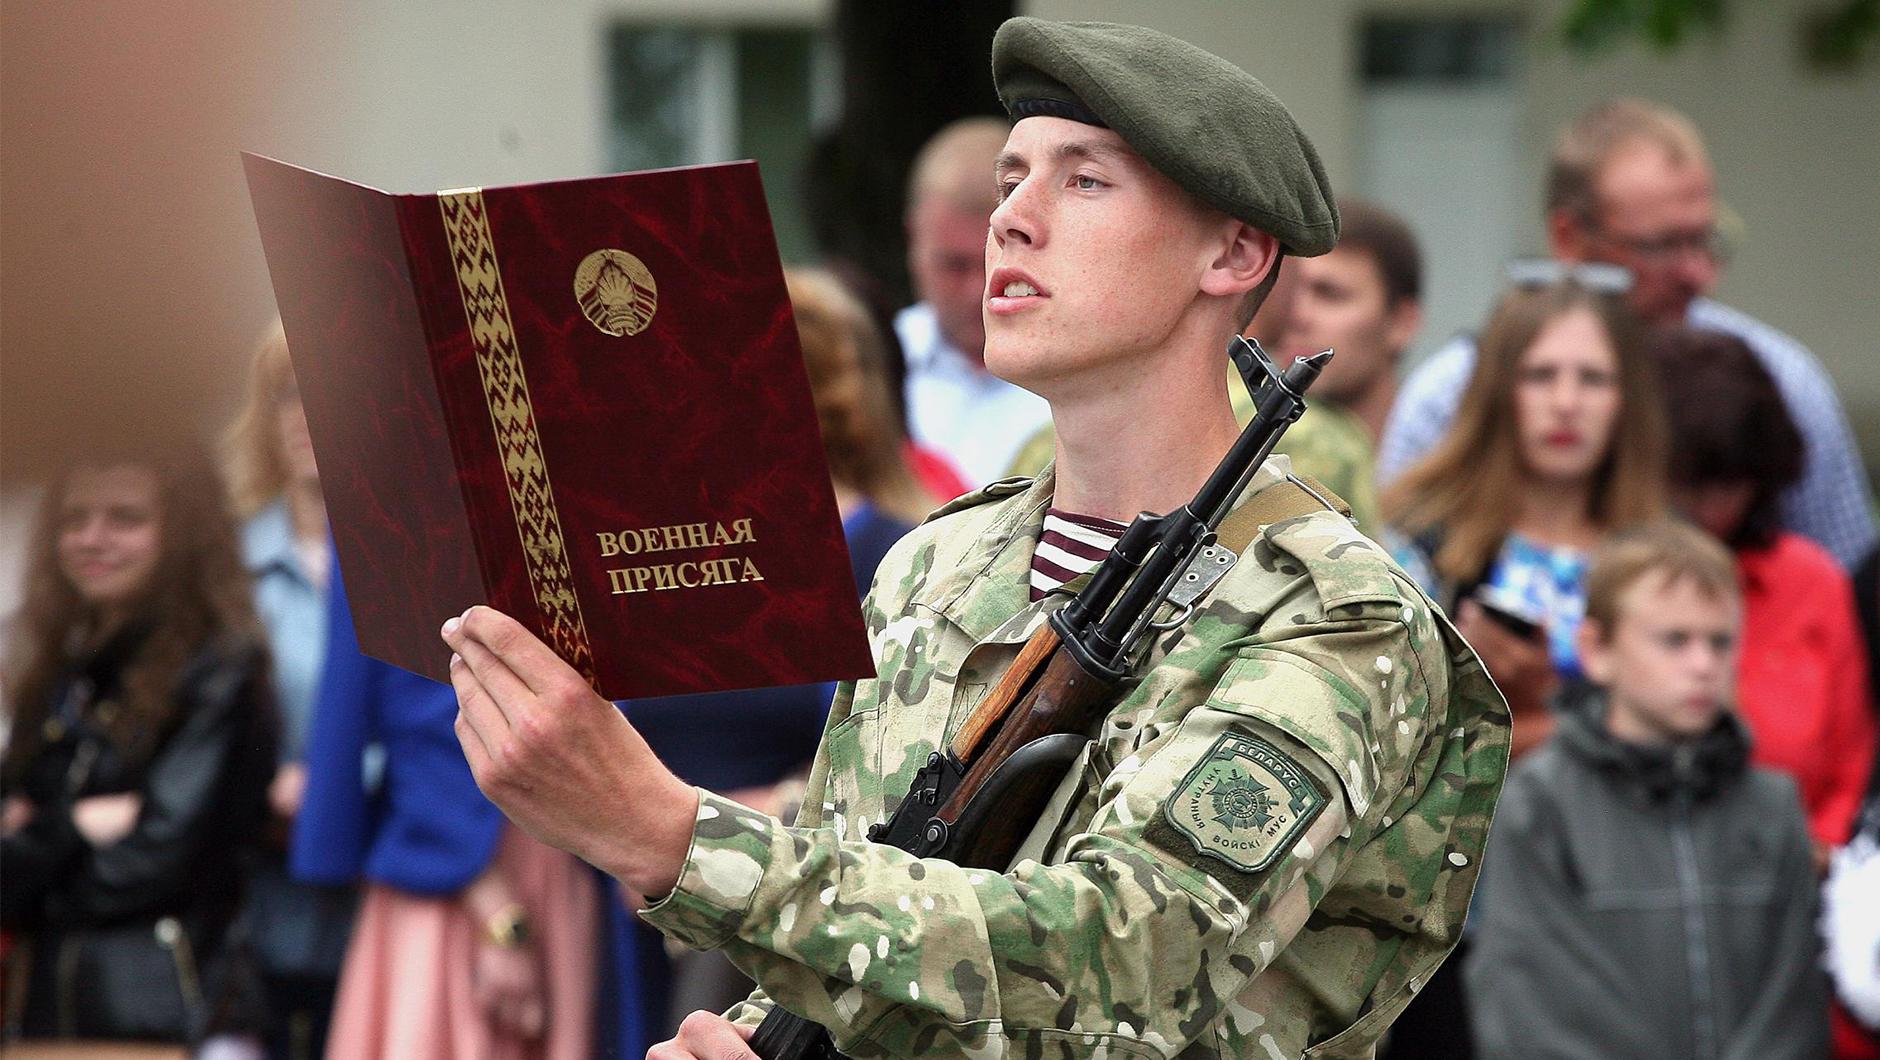 «Раньше голодных солдат отправляли за грибами, теперь армия России стала другой» — пресса Британии